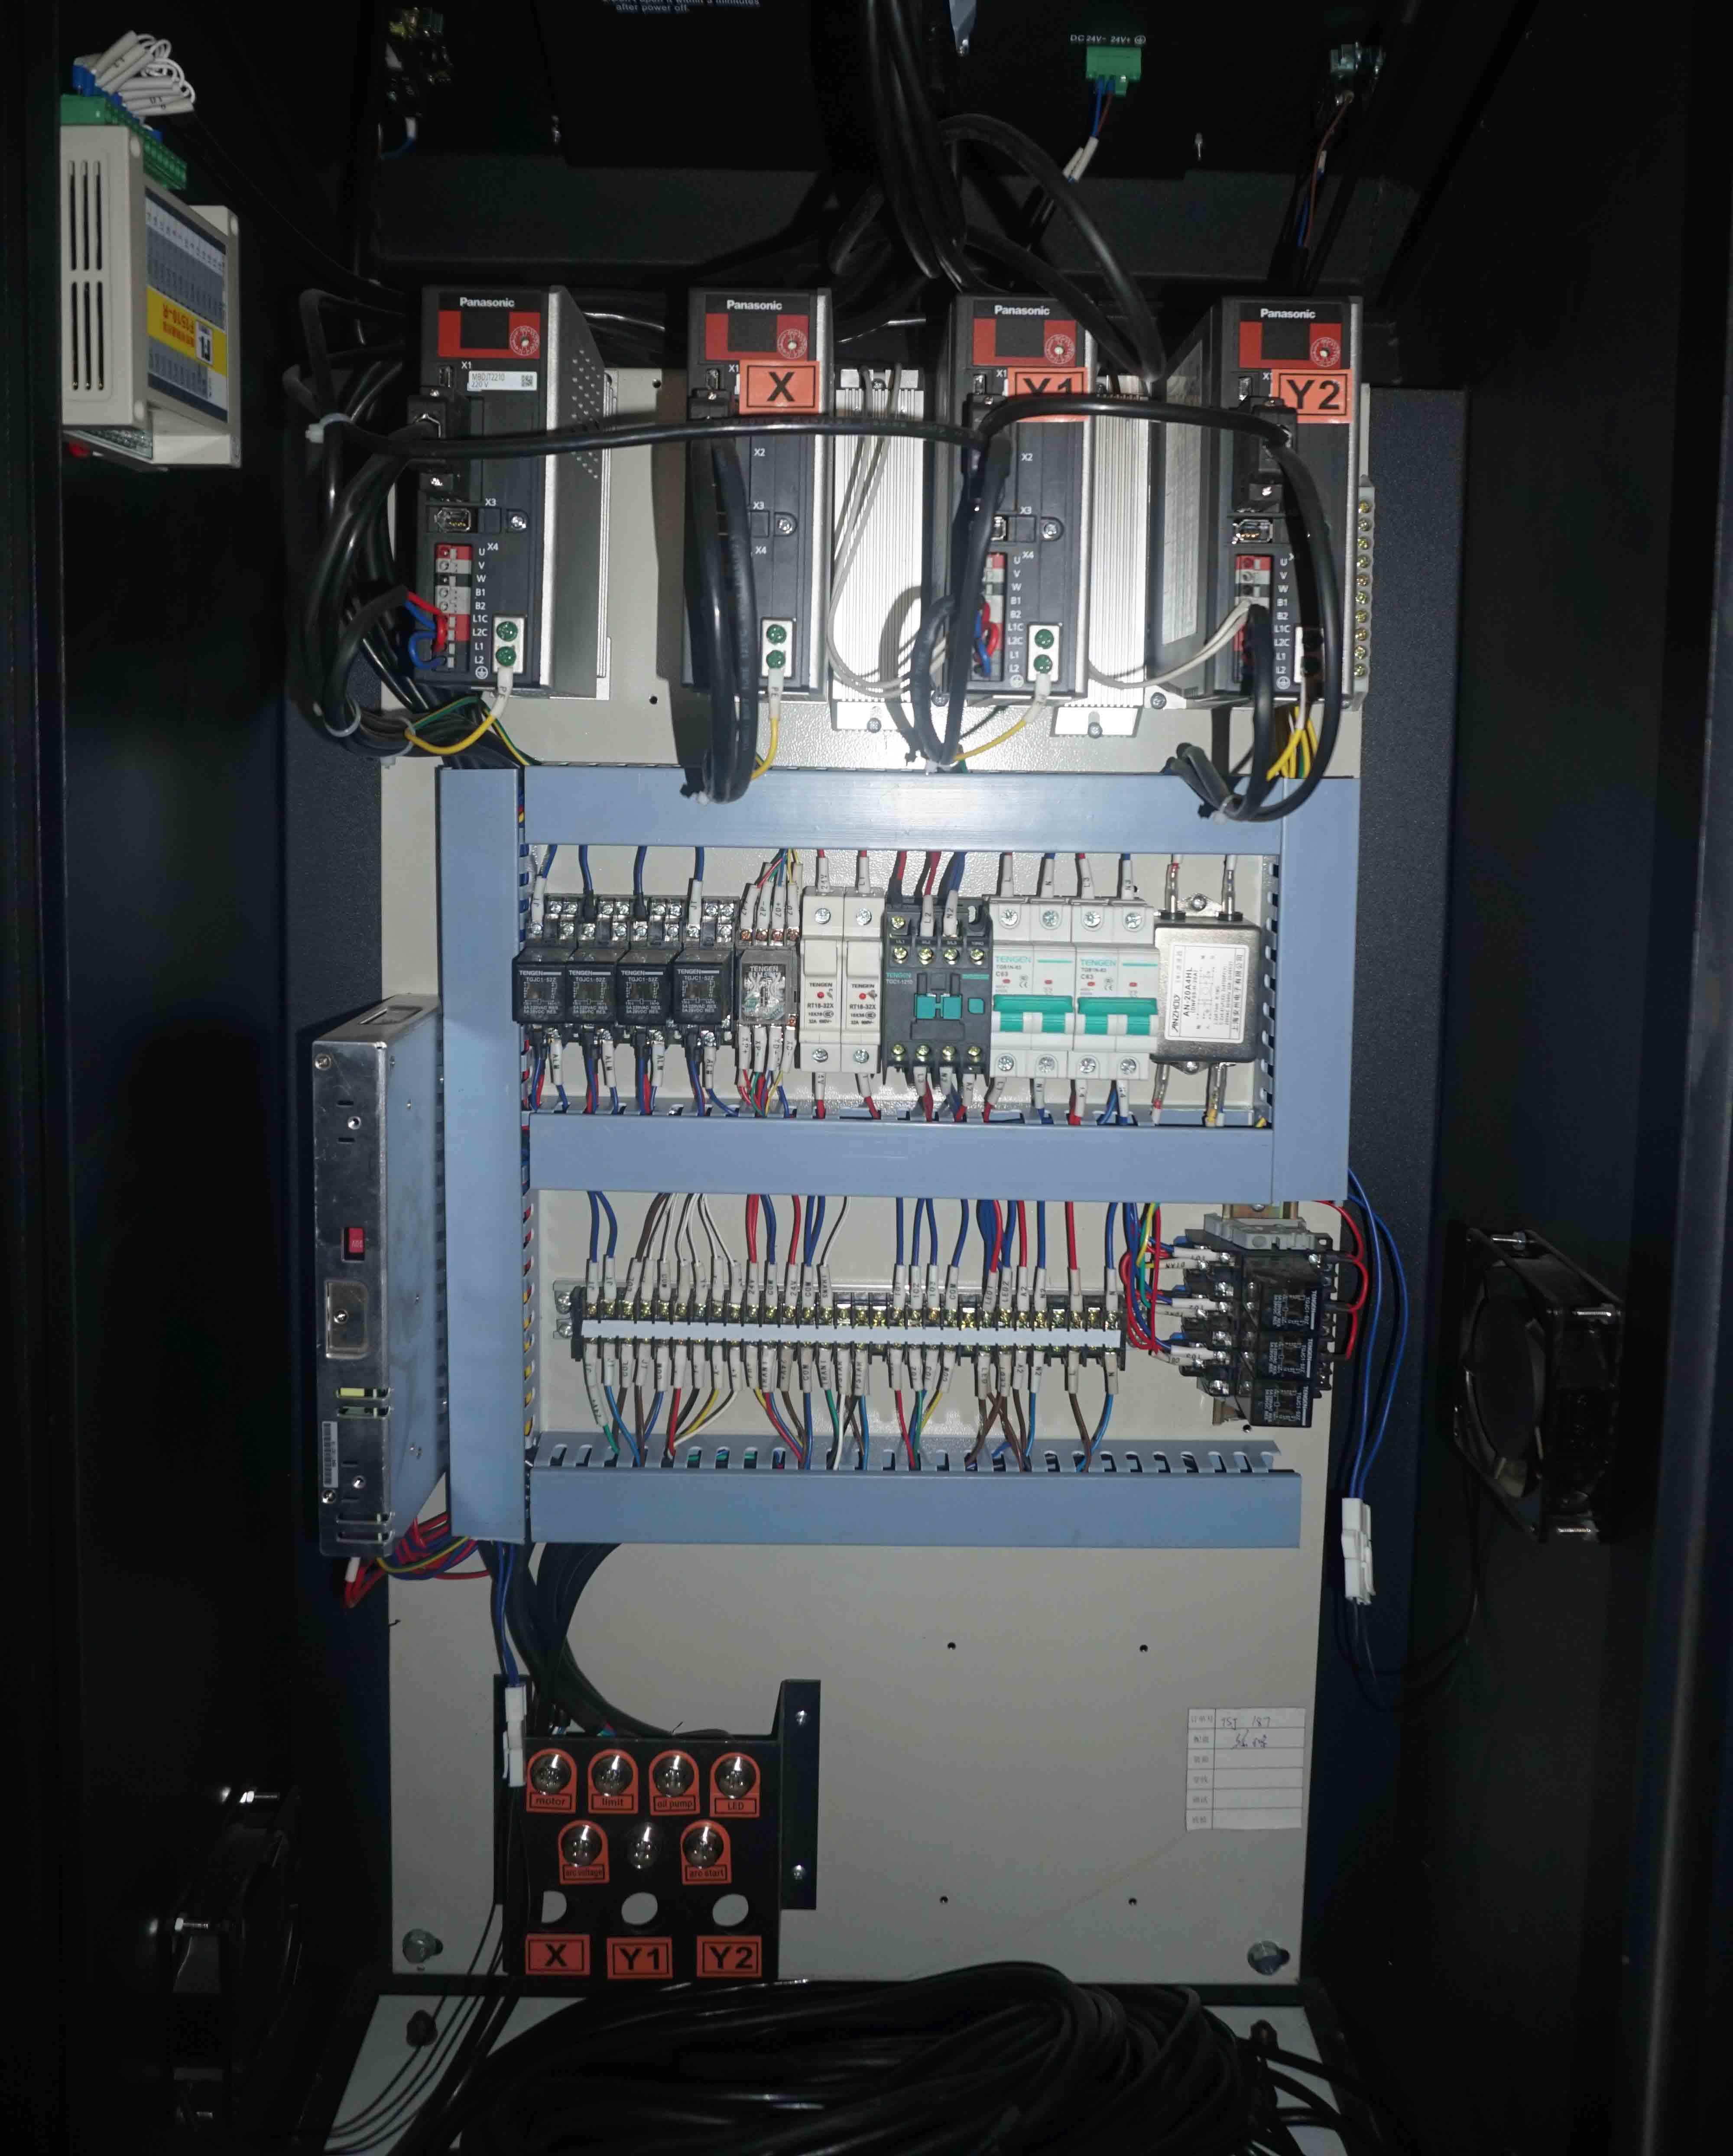 Tủ điện được thiết kế chuyên nghiệp